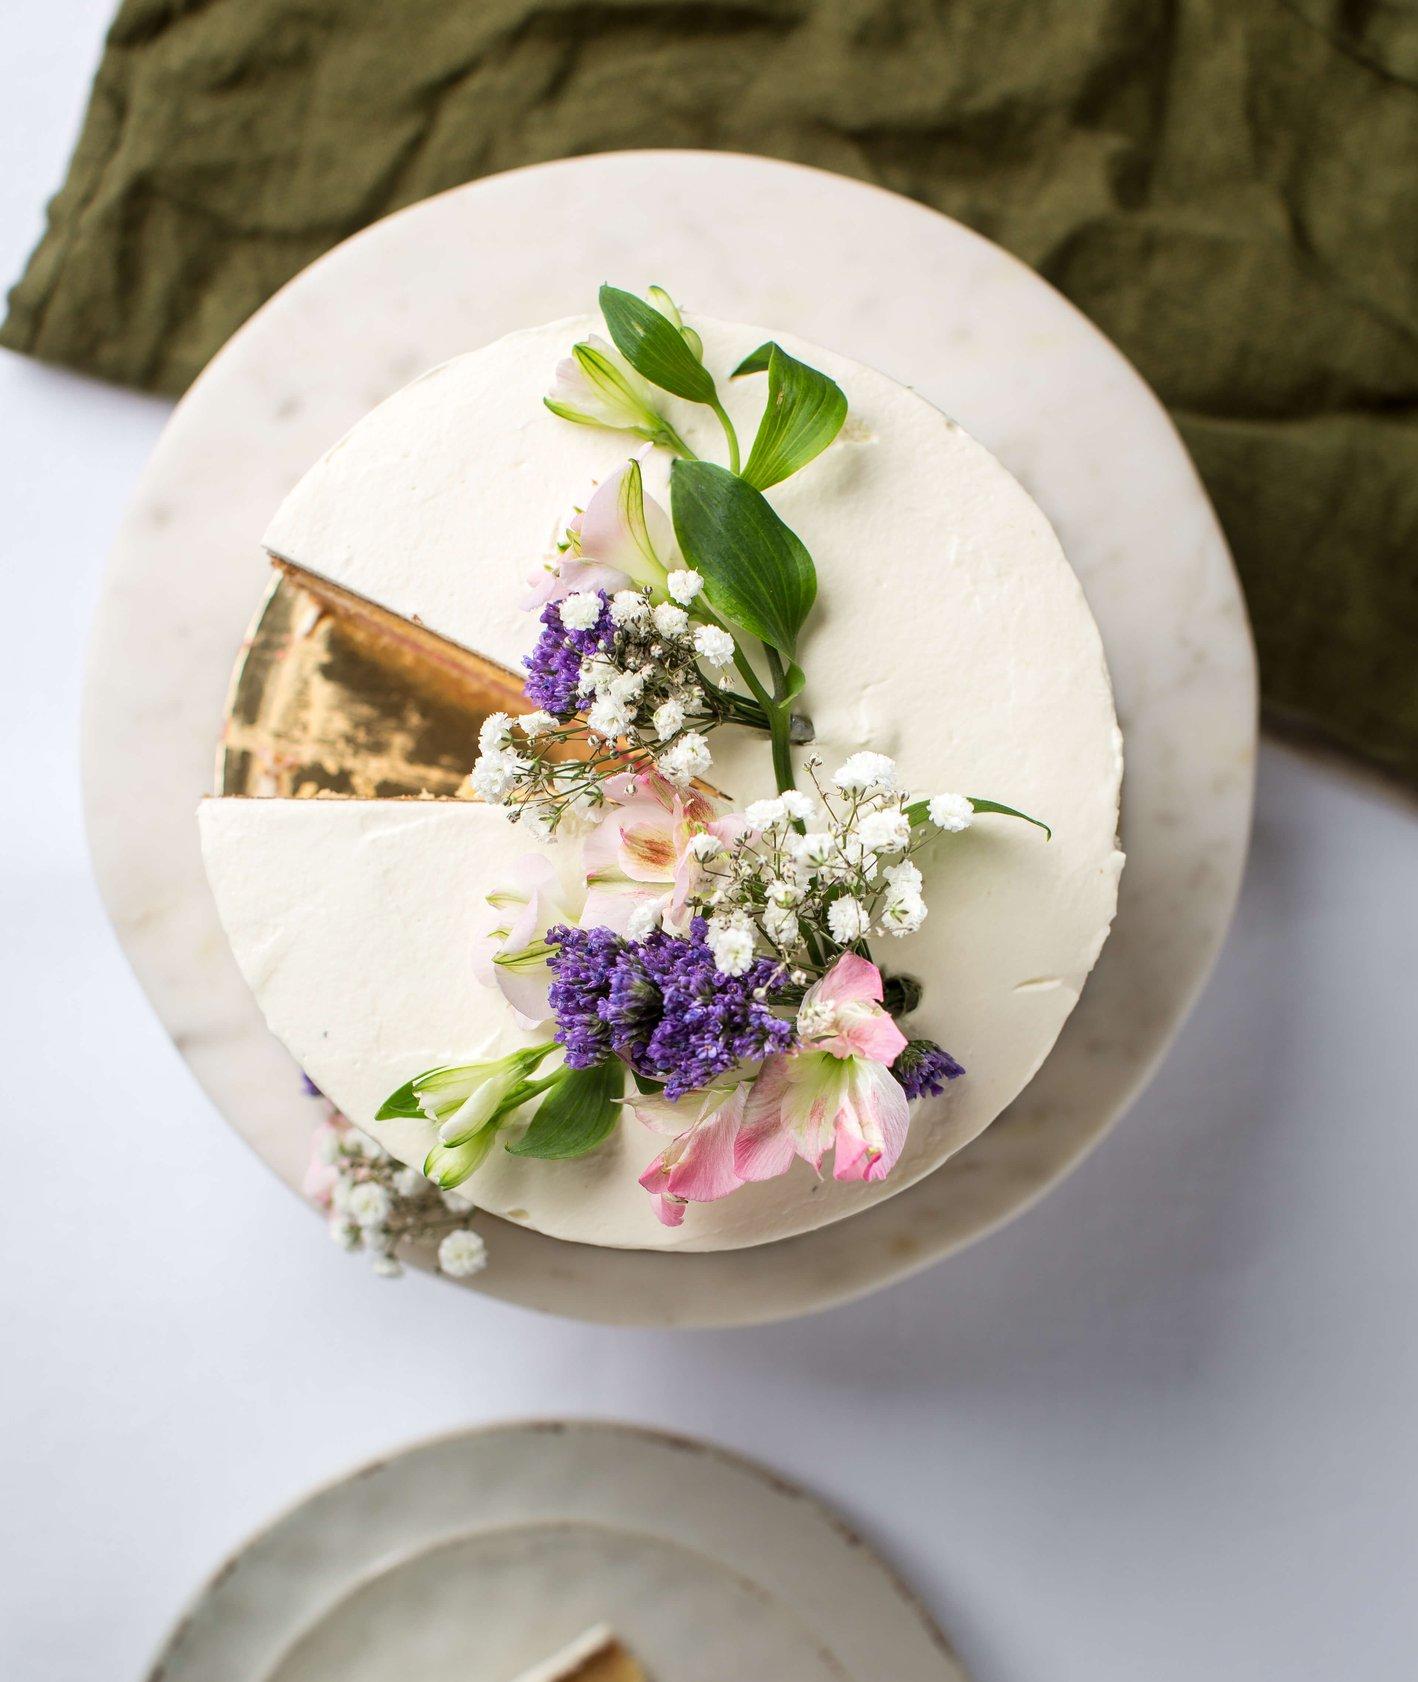 Tort limonkowy, Tort, jak zrobić tort, Święta Wielkanocne, świąteczne wypieki